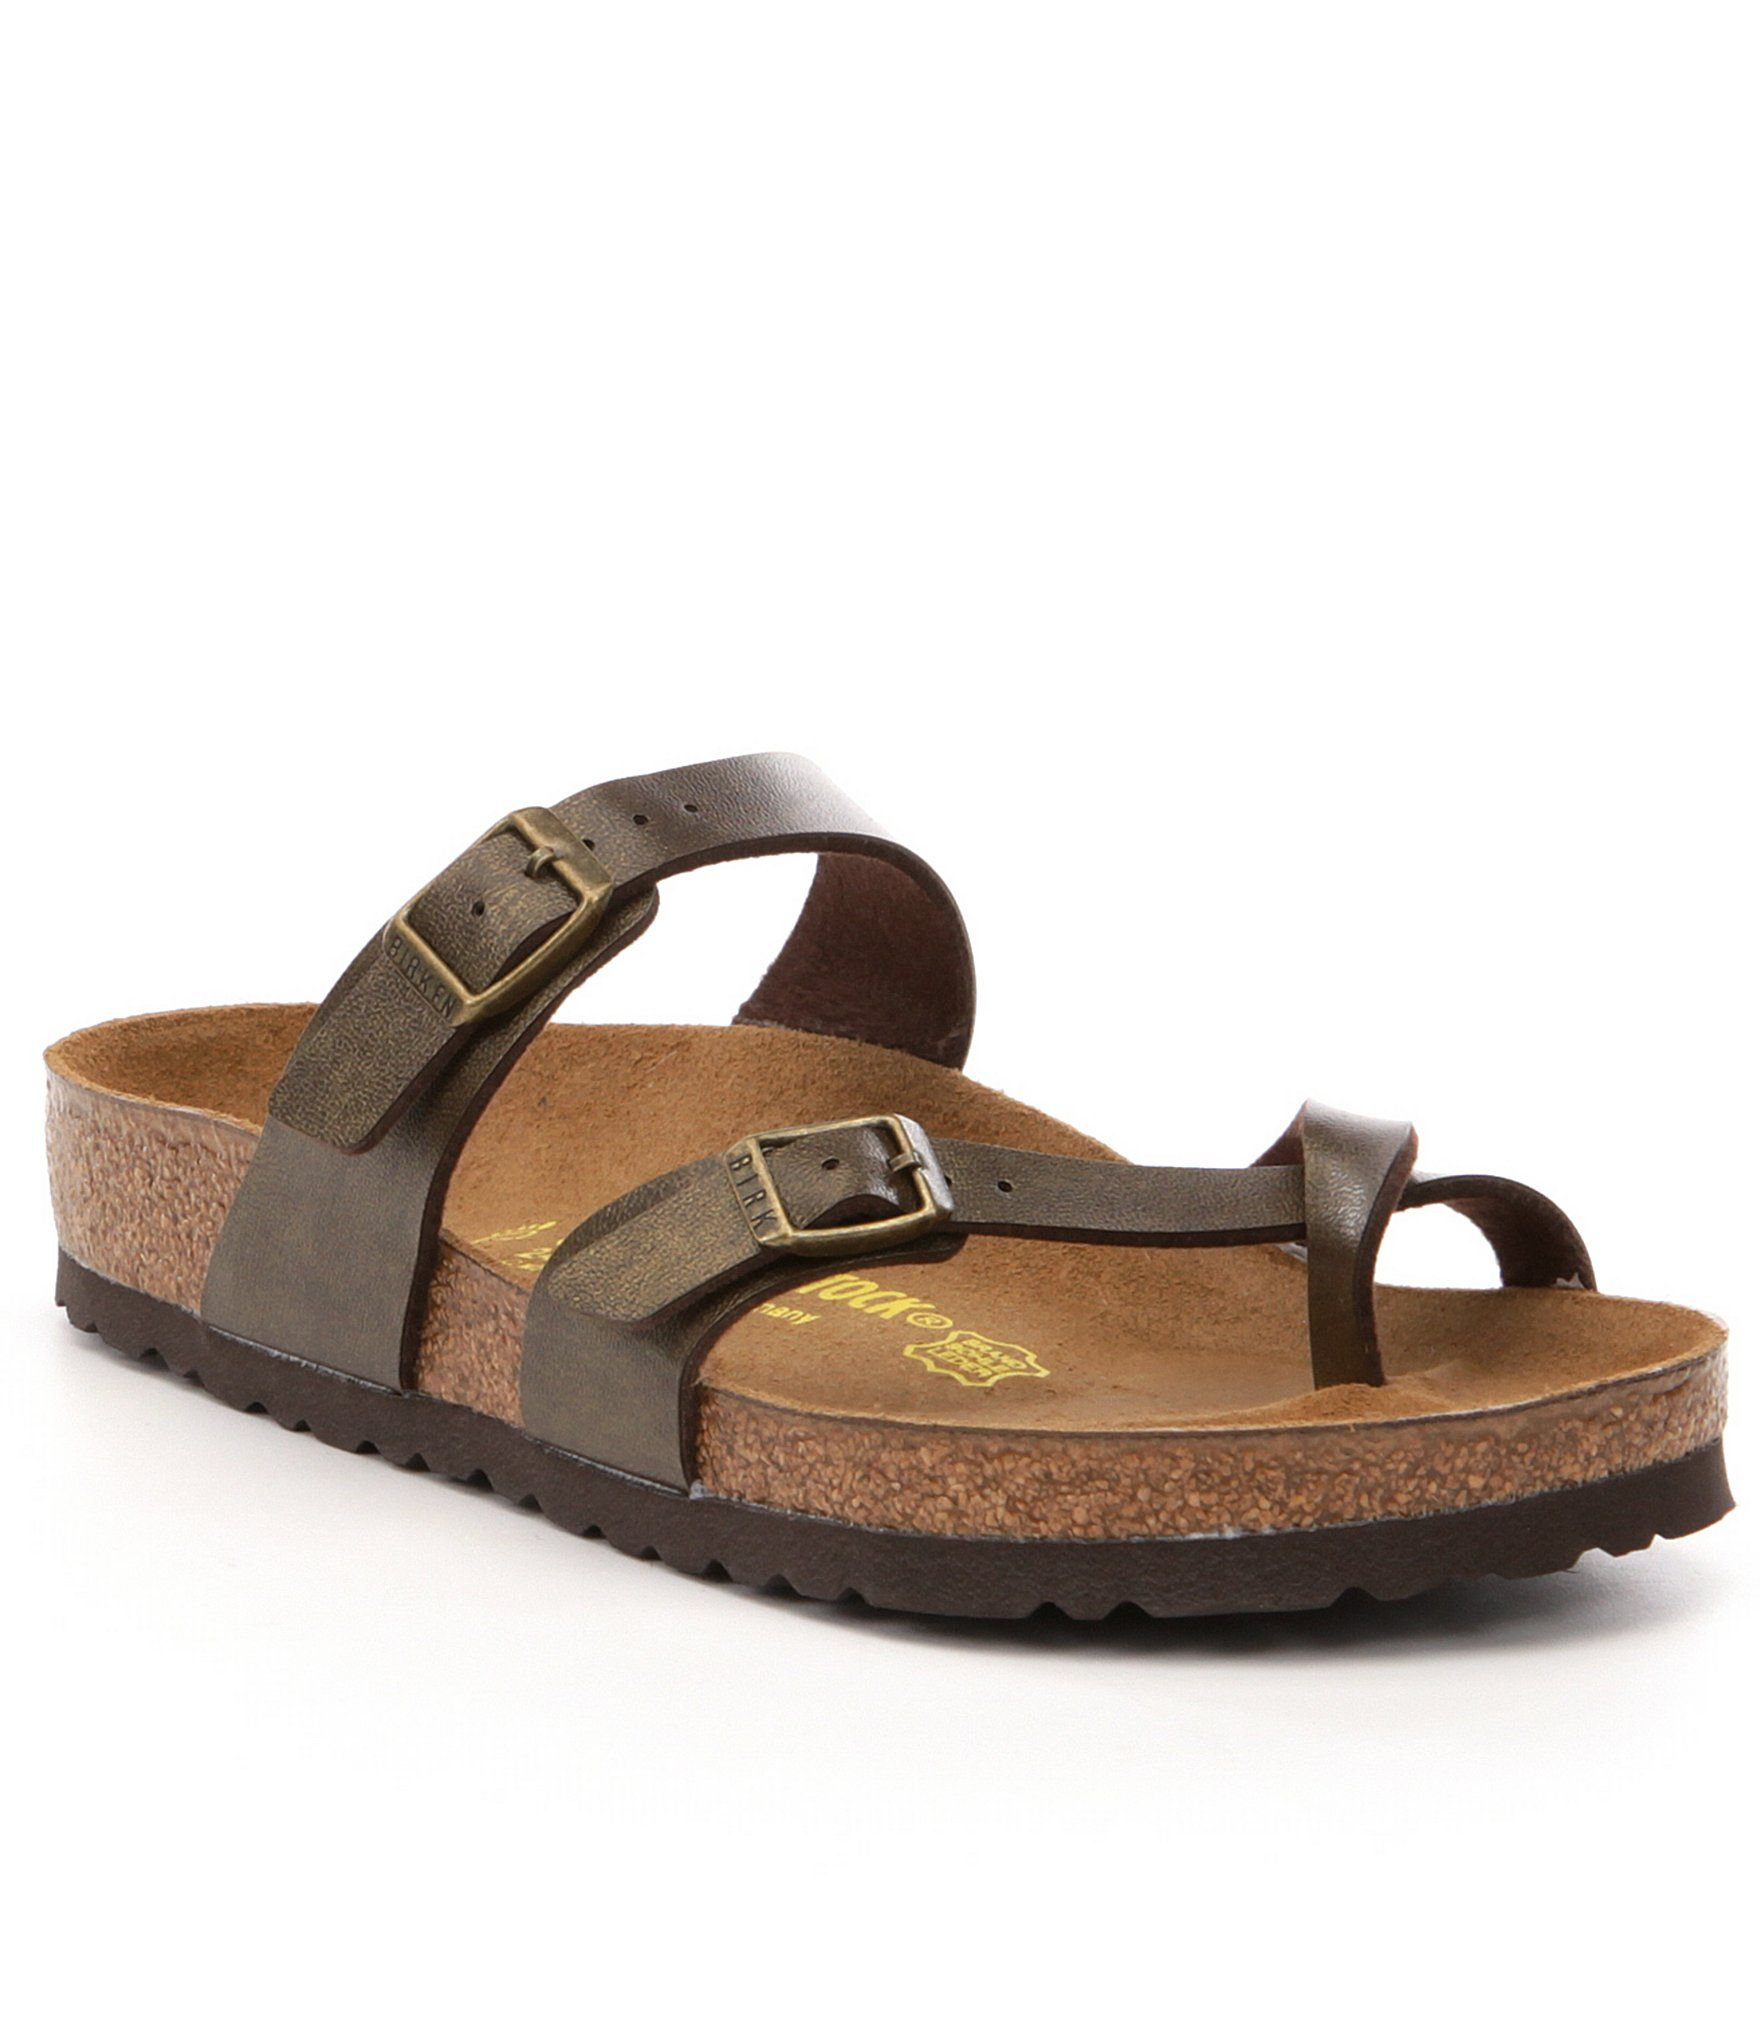 Birkenstock Women's Mayari Adjustable Buckle Criss Cross Sandals 9EKK6